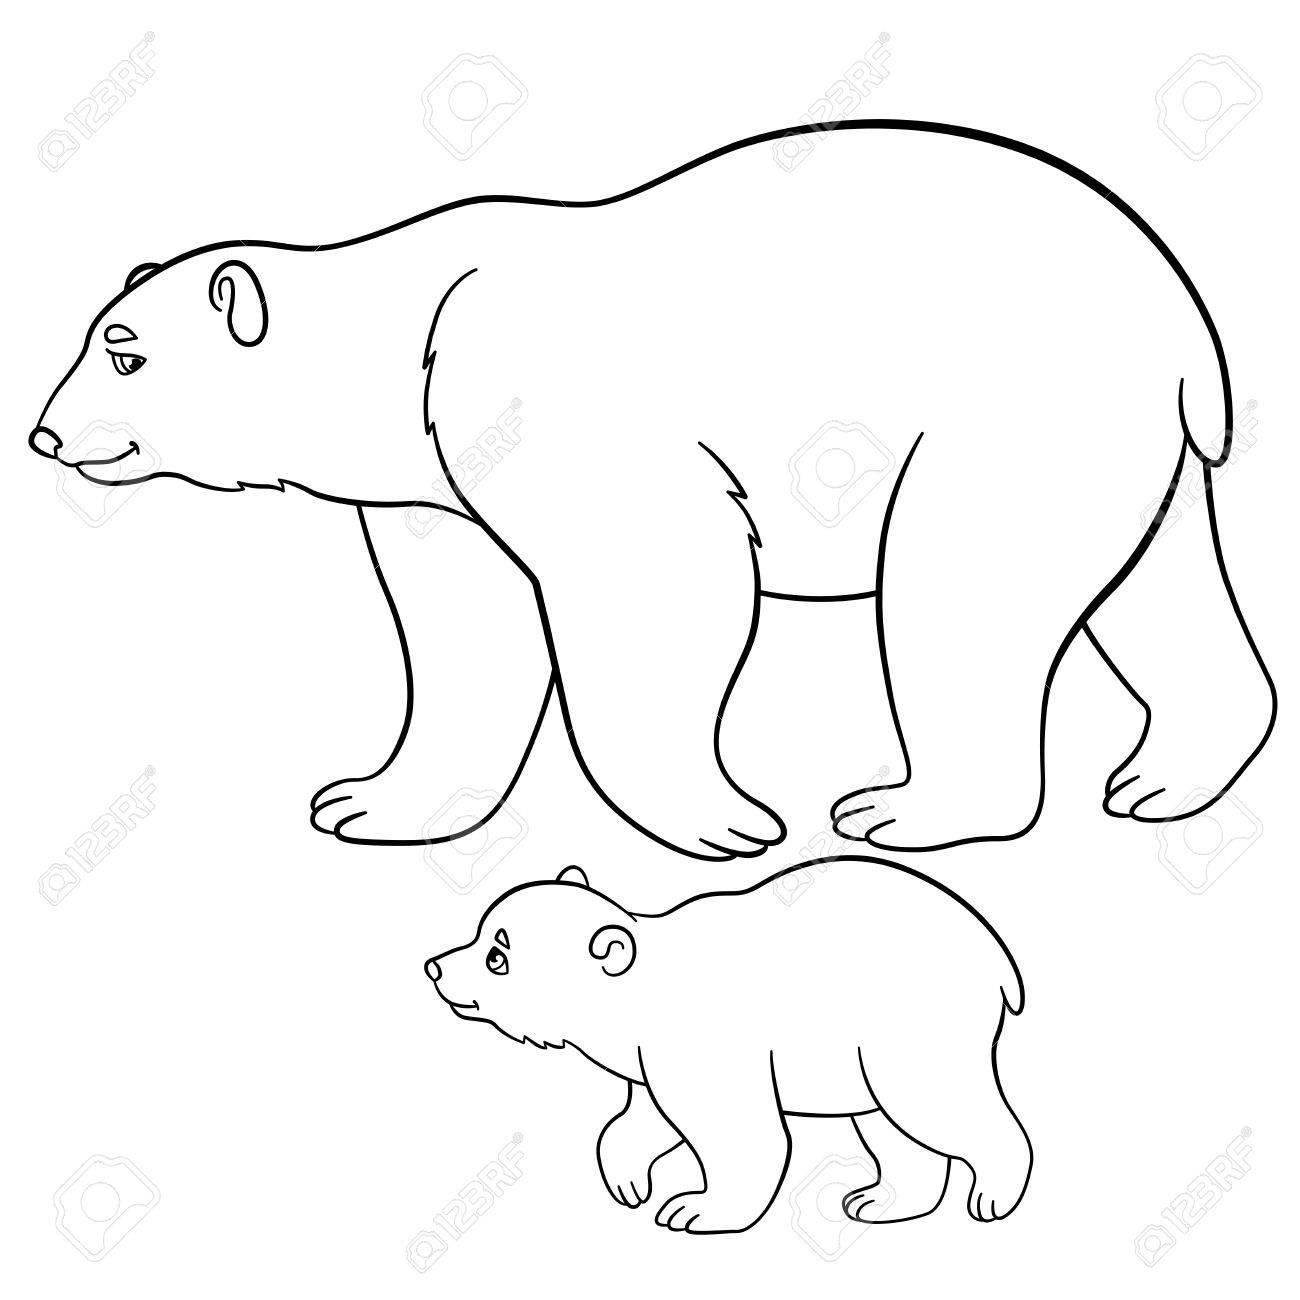 Coloriage Mère Ours Polaire Se Promène Avec Son Petit Bébé Et Sourires Mignon